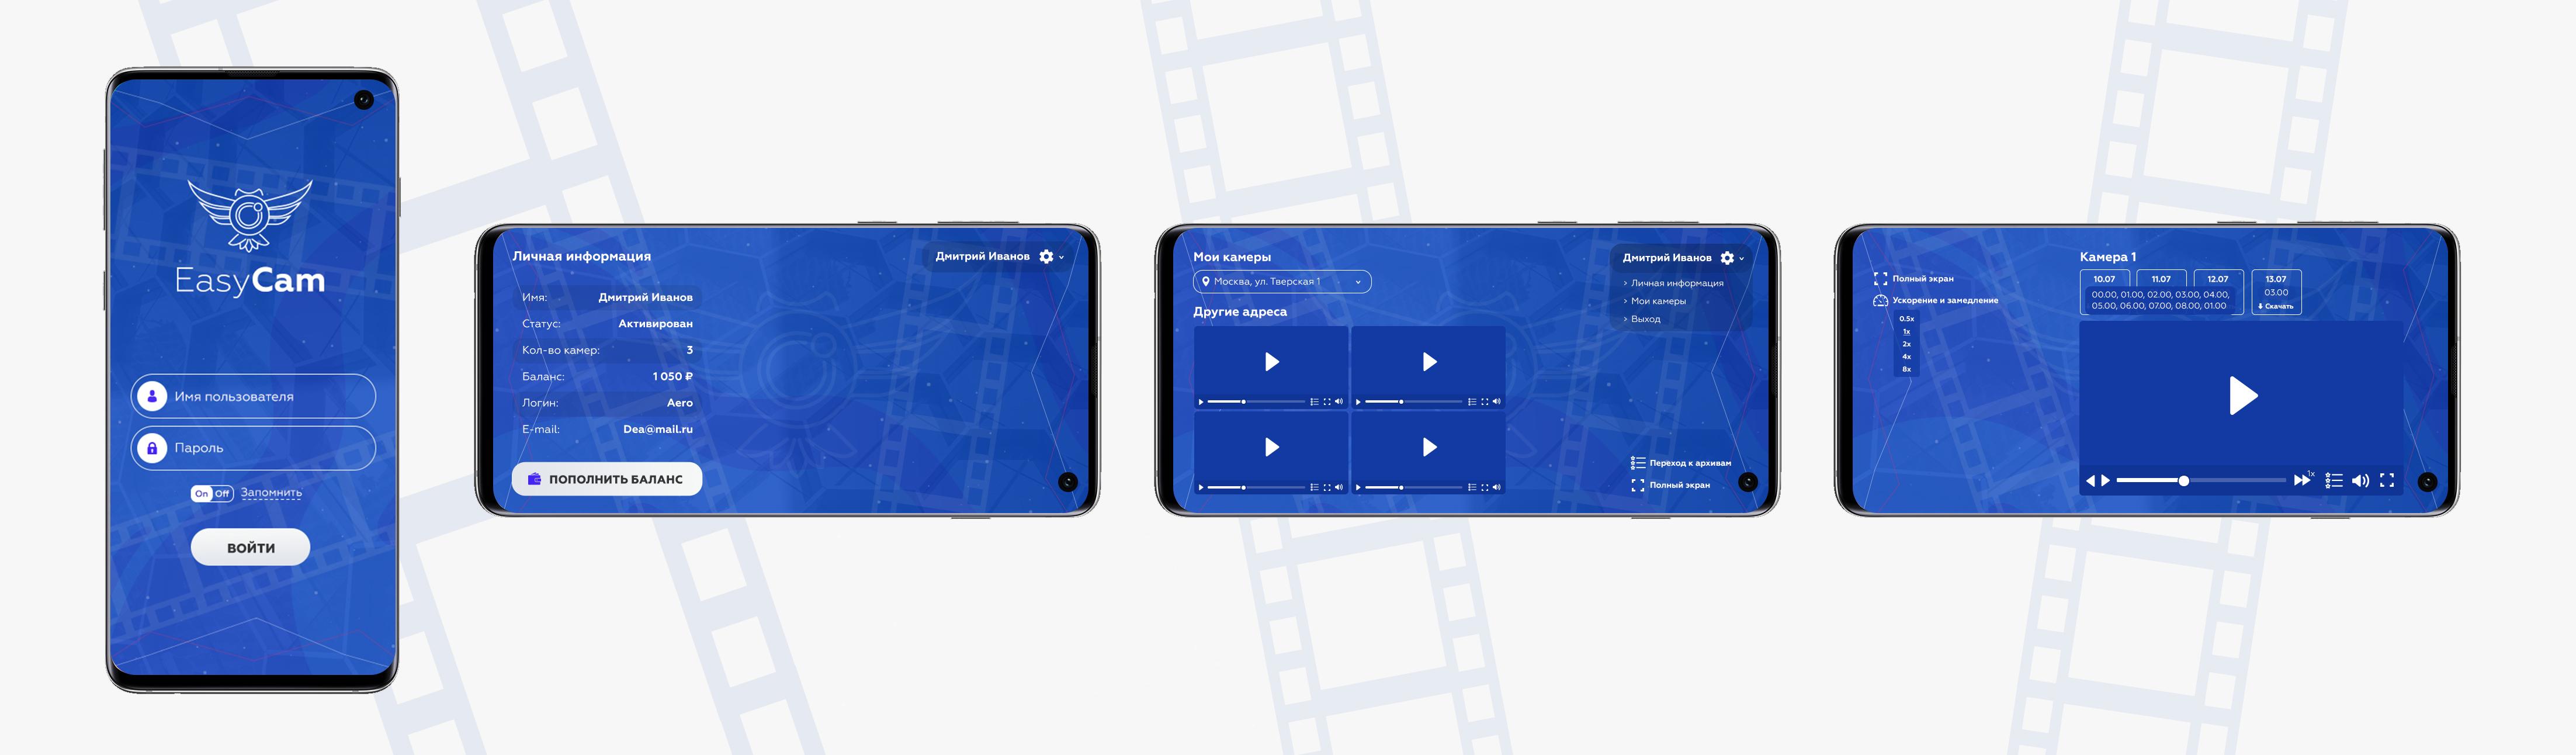 Mobile Application www.easy-cam.com https://play.google.com/store/apps/details?id=com.easycam  https://apps.